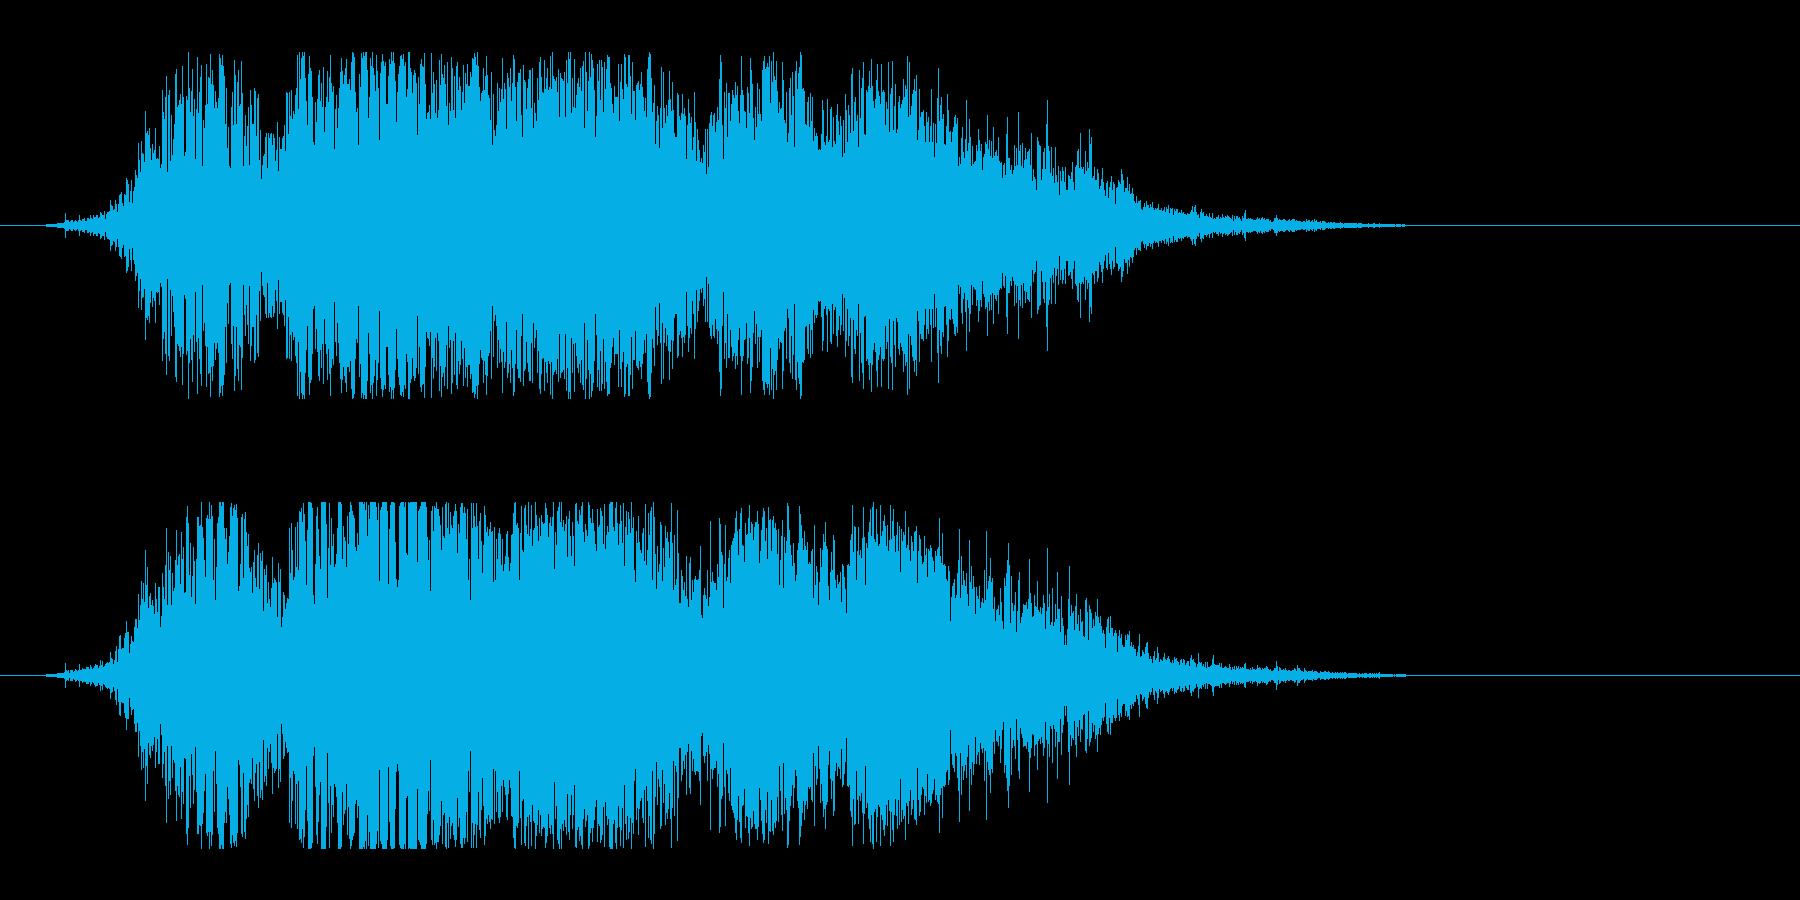 斬撃音(刀や剣で斬る/刺す効果音)11cの再生済みの波形